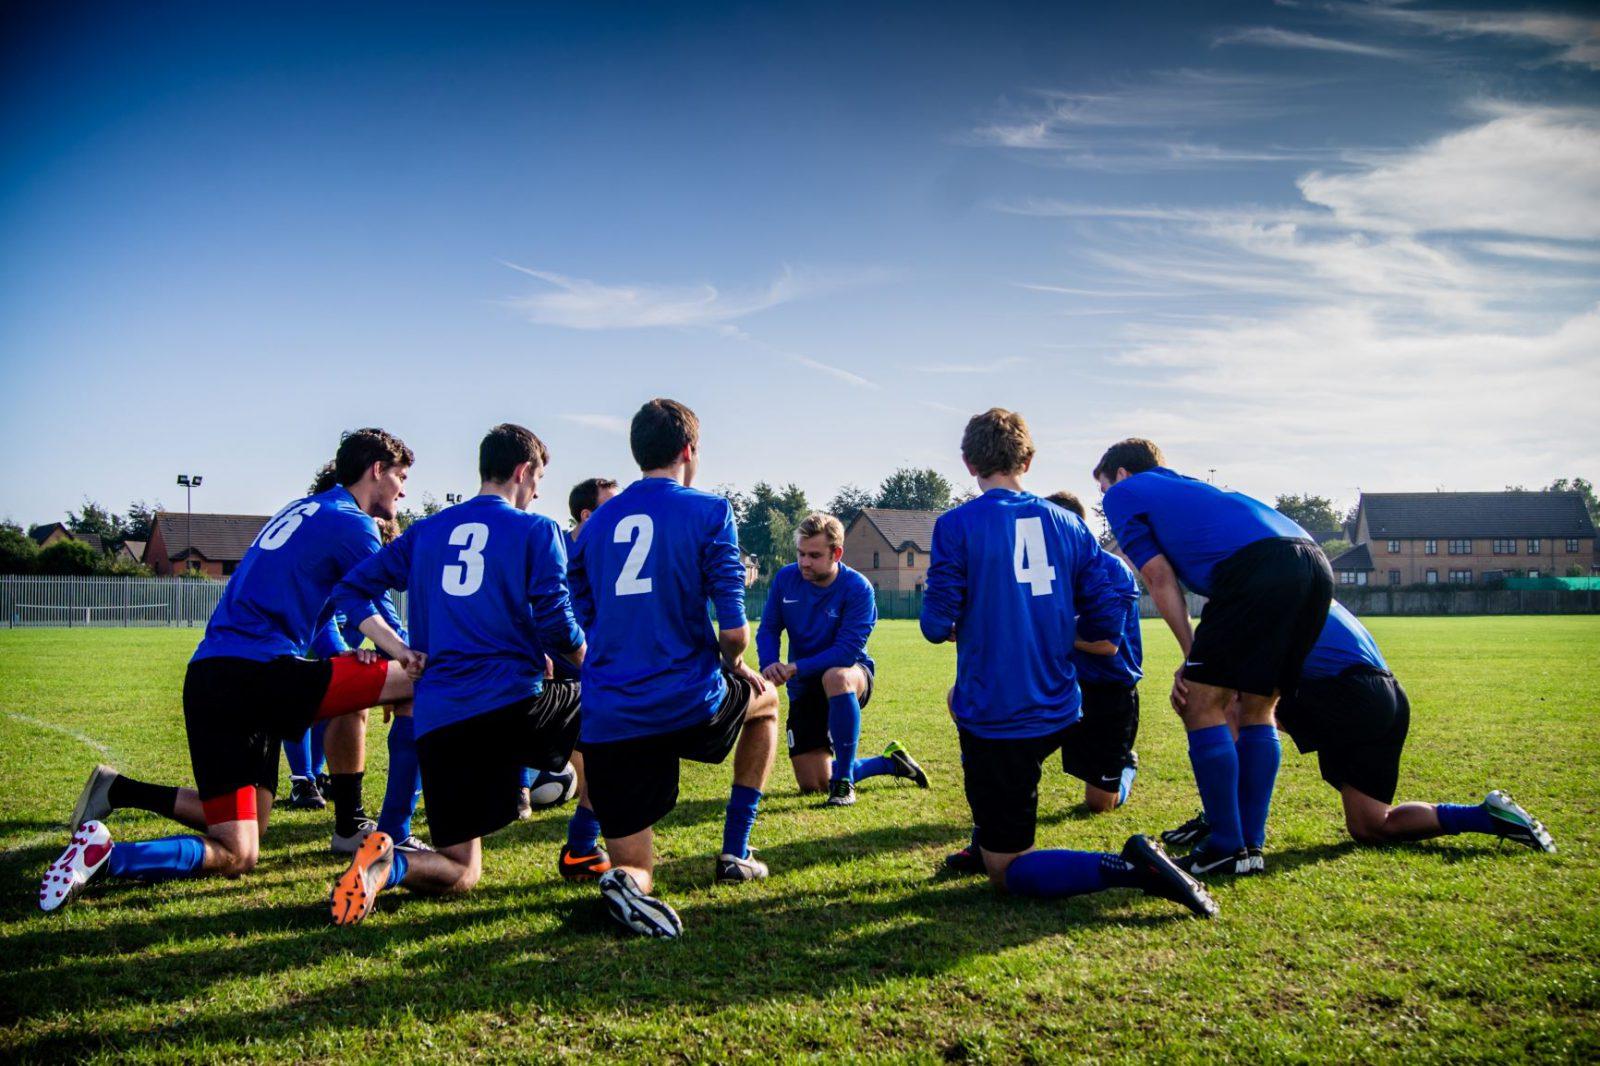 samenwerken als team